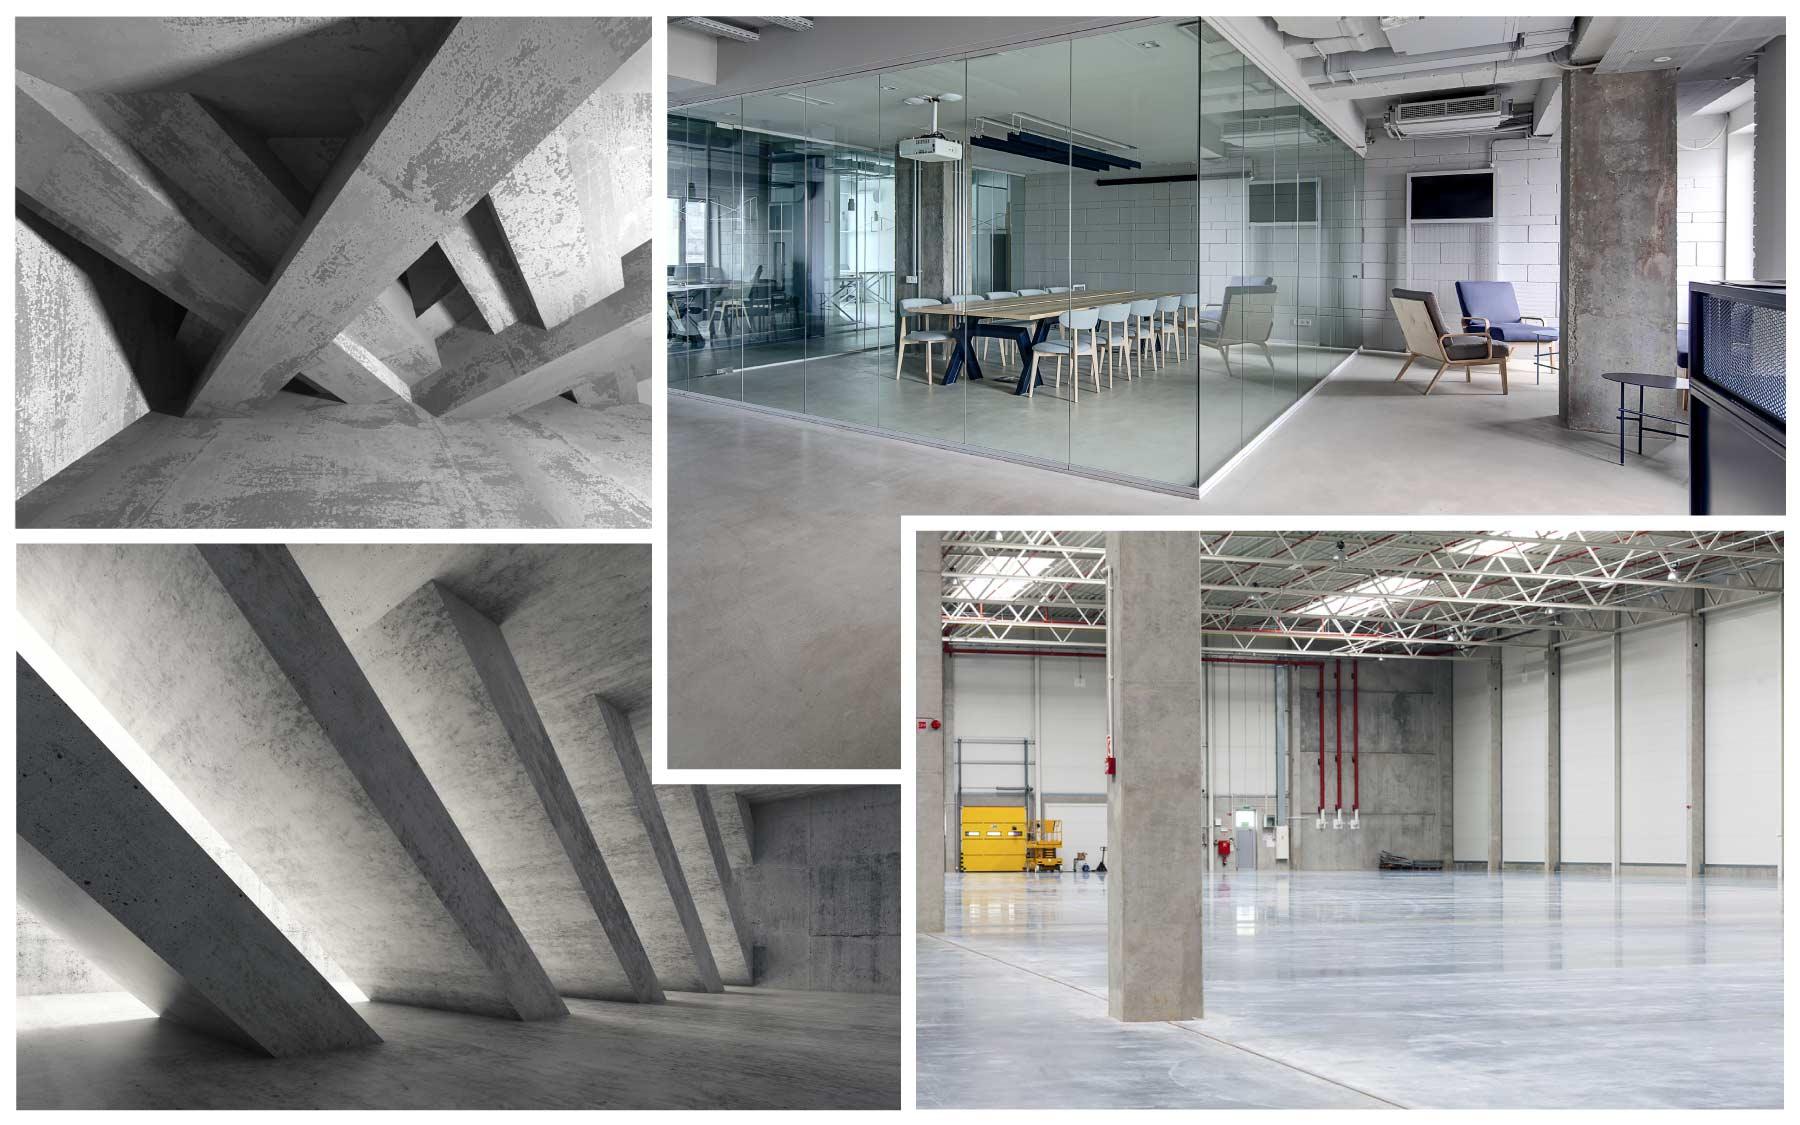 Ett urval av industri- & betonggolv